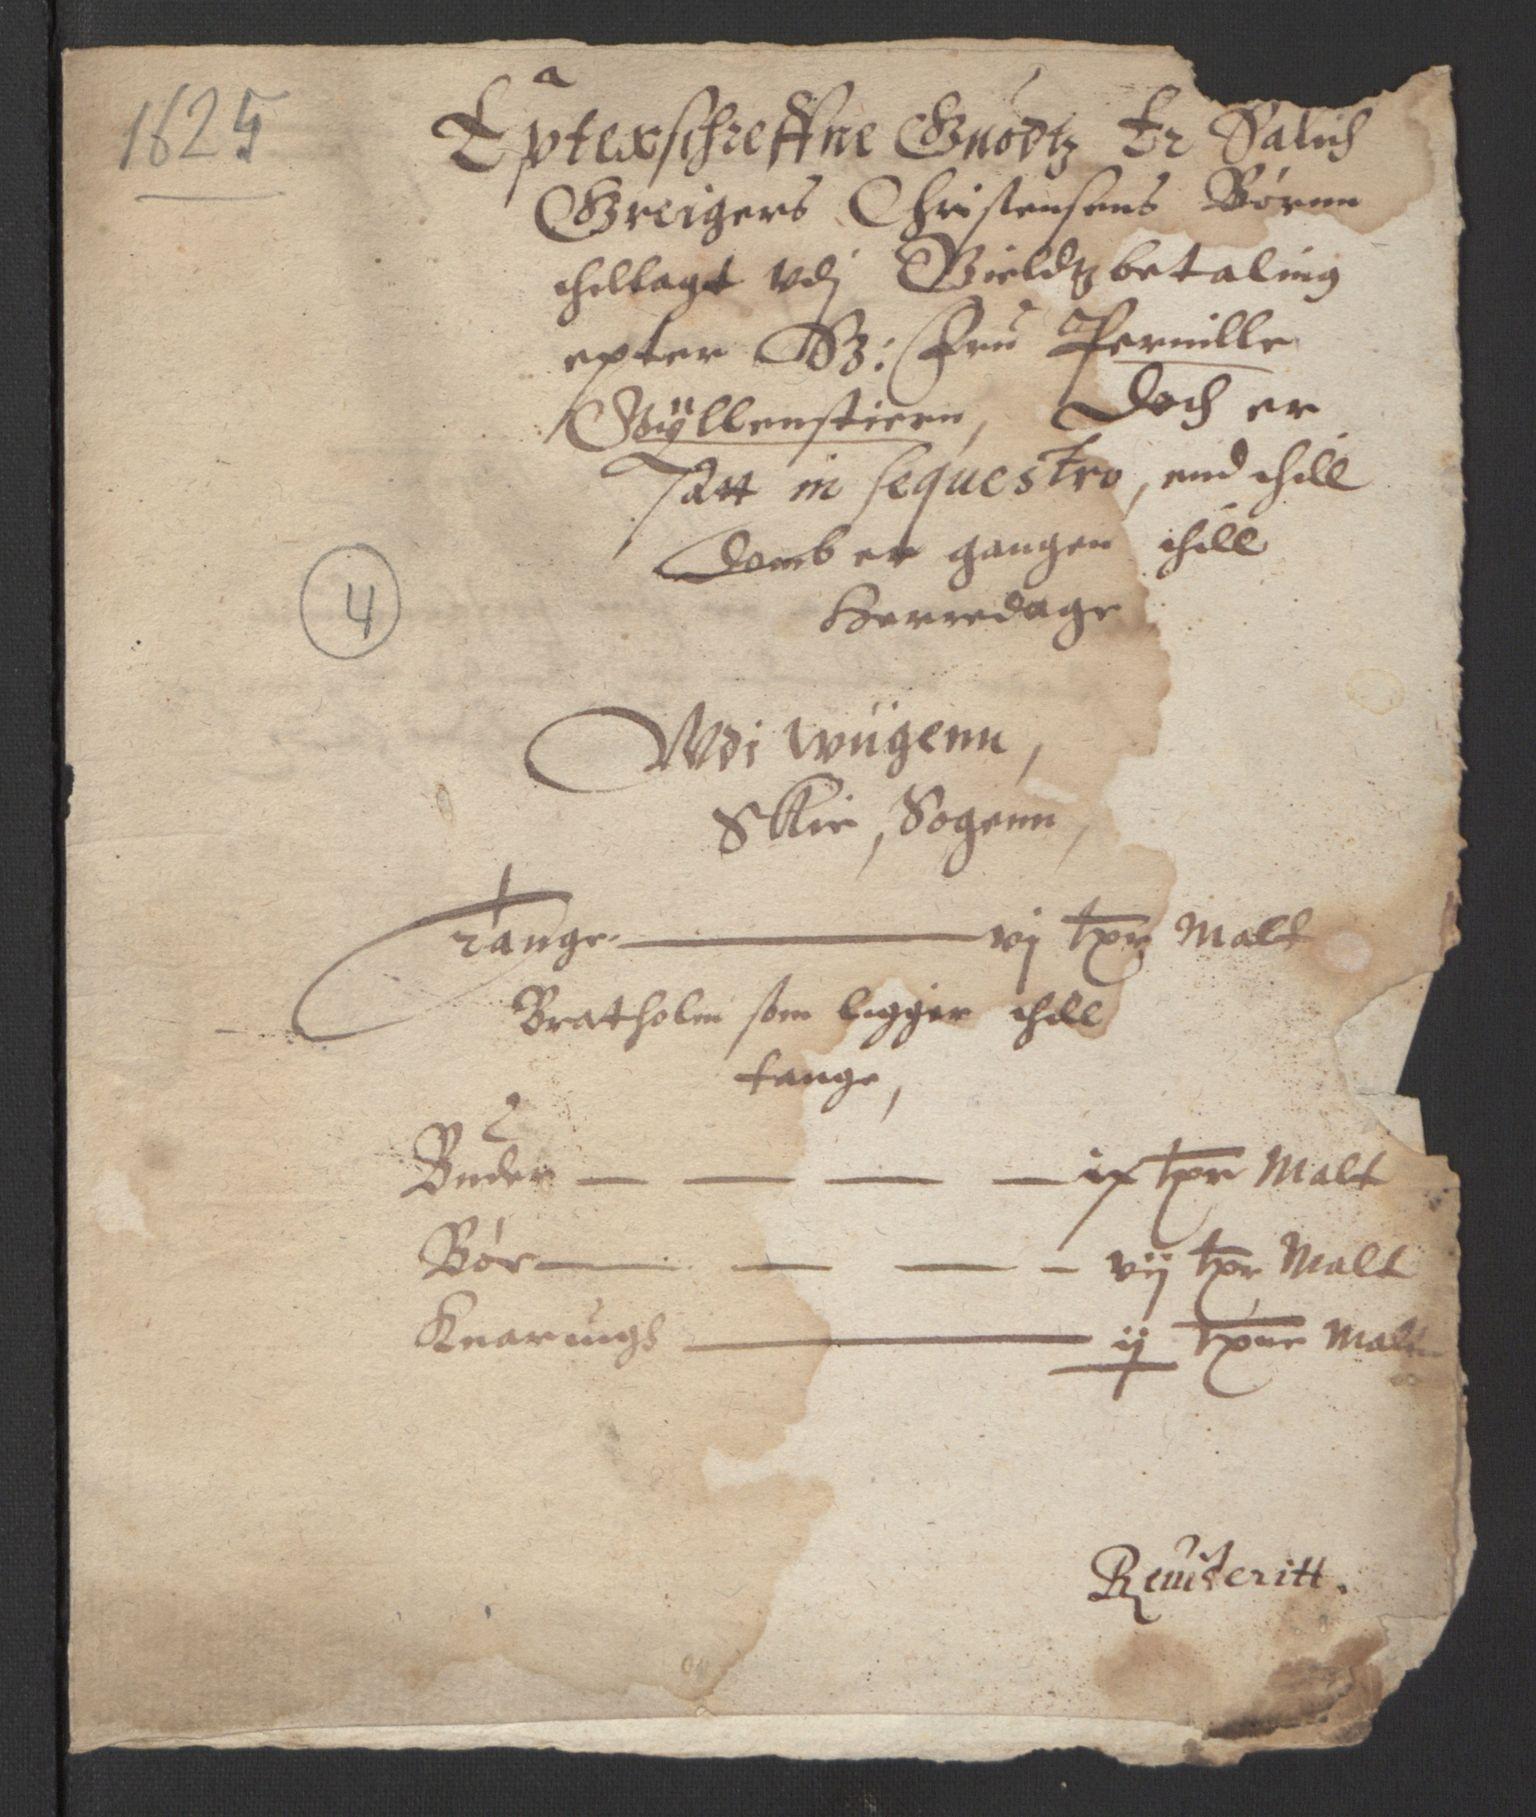 RA, Stattholderembetet 1572-1771, Ek/L0007: Jordebøker til utlikning av rosstjeneste 1624-1626:, 1624-1625, s. 404